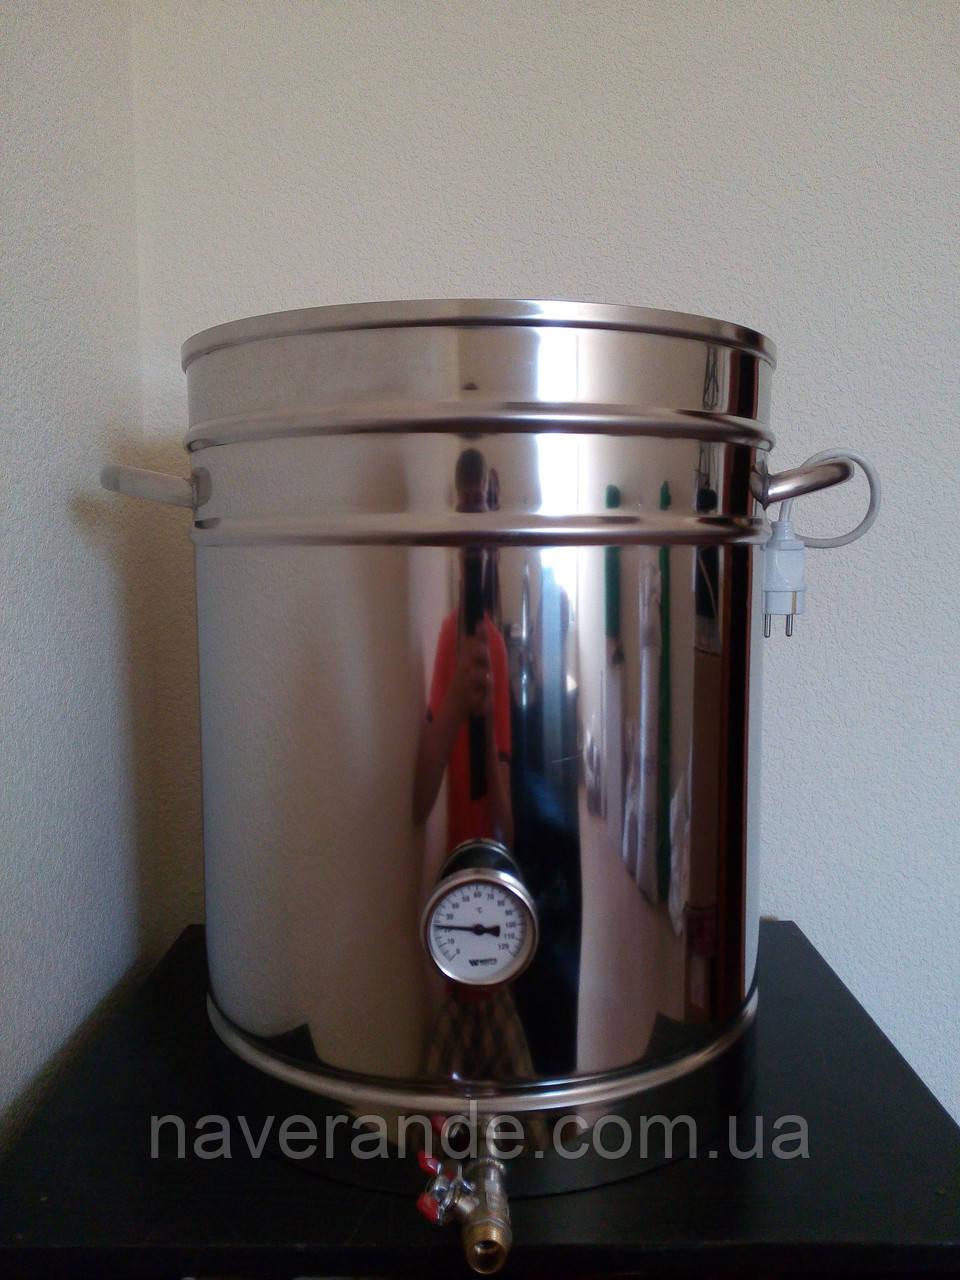 Домашние пивоварни купить украина самогонный аппарат из мультиварки с сухопарником